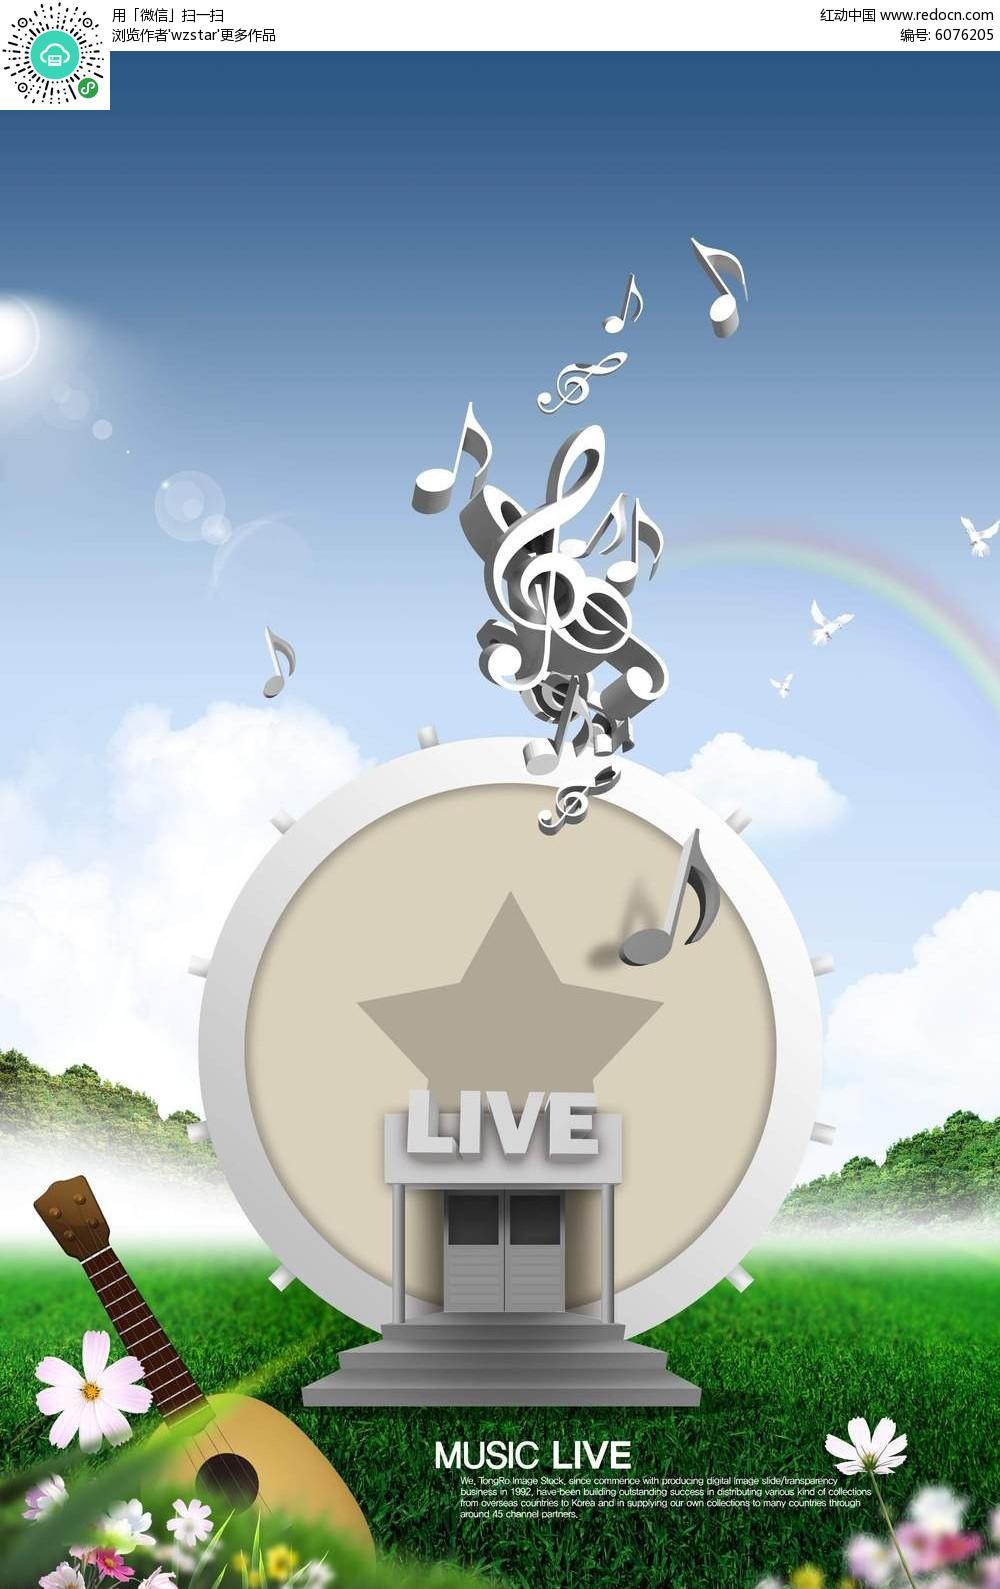 音乐符号卡通海报背景素材PSD免费下载 编号6076205 红动网